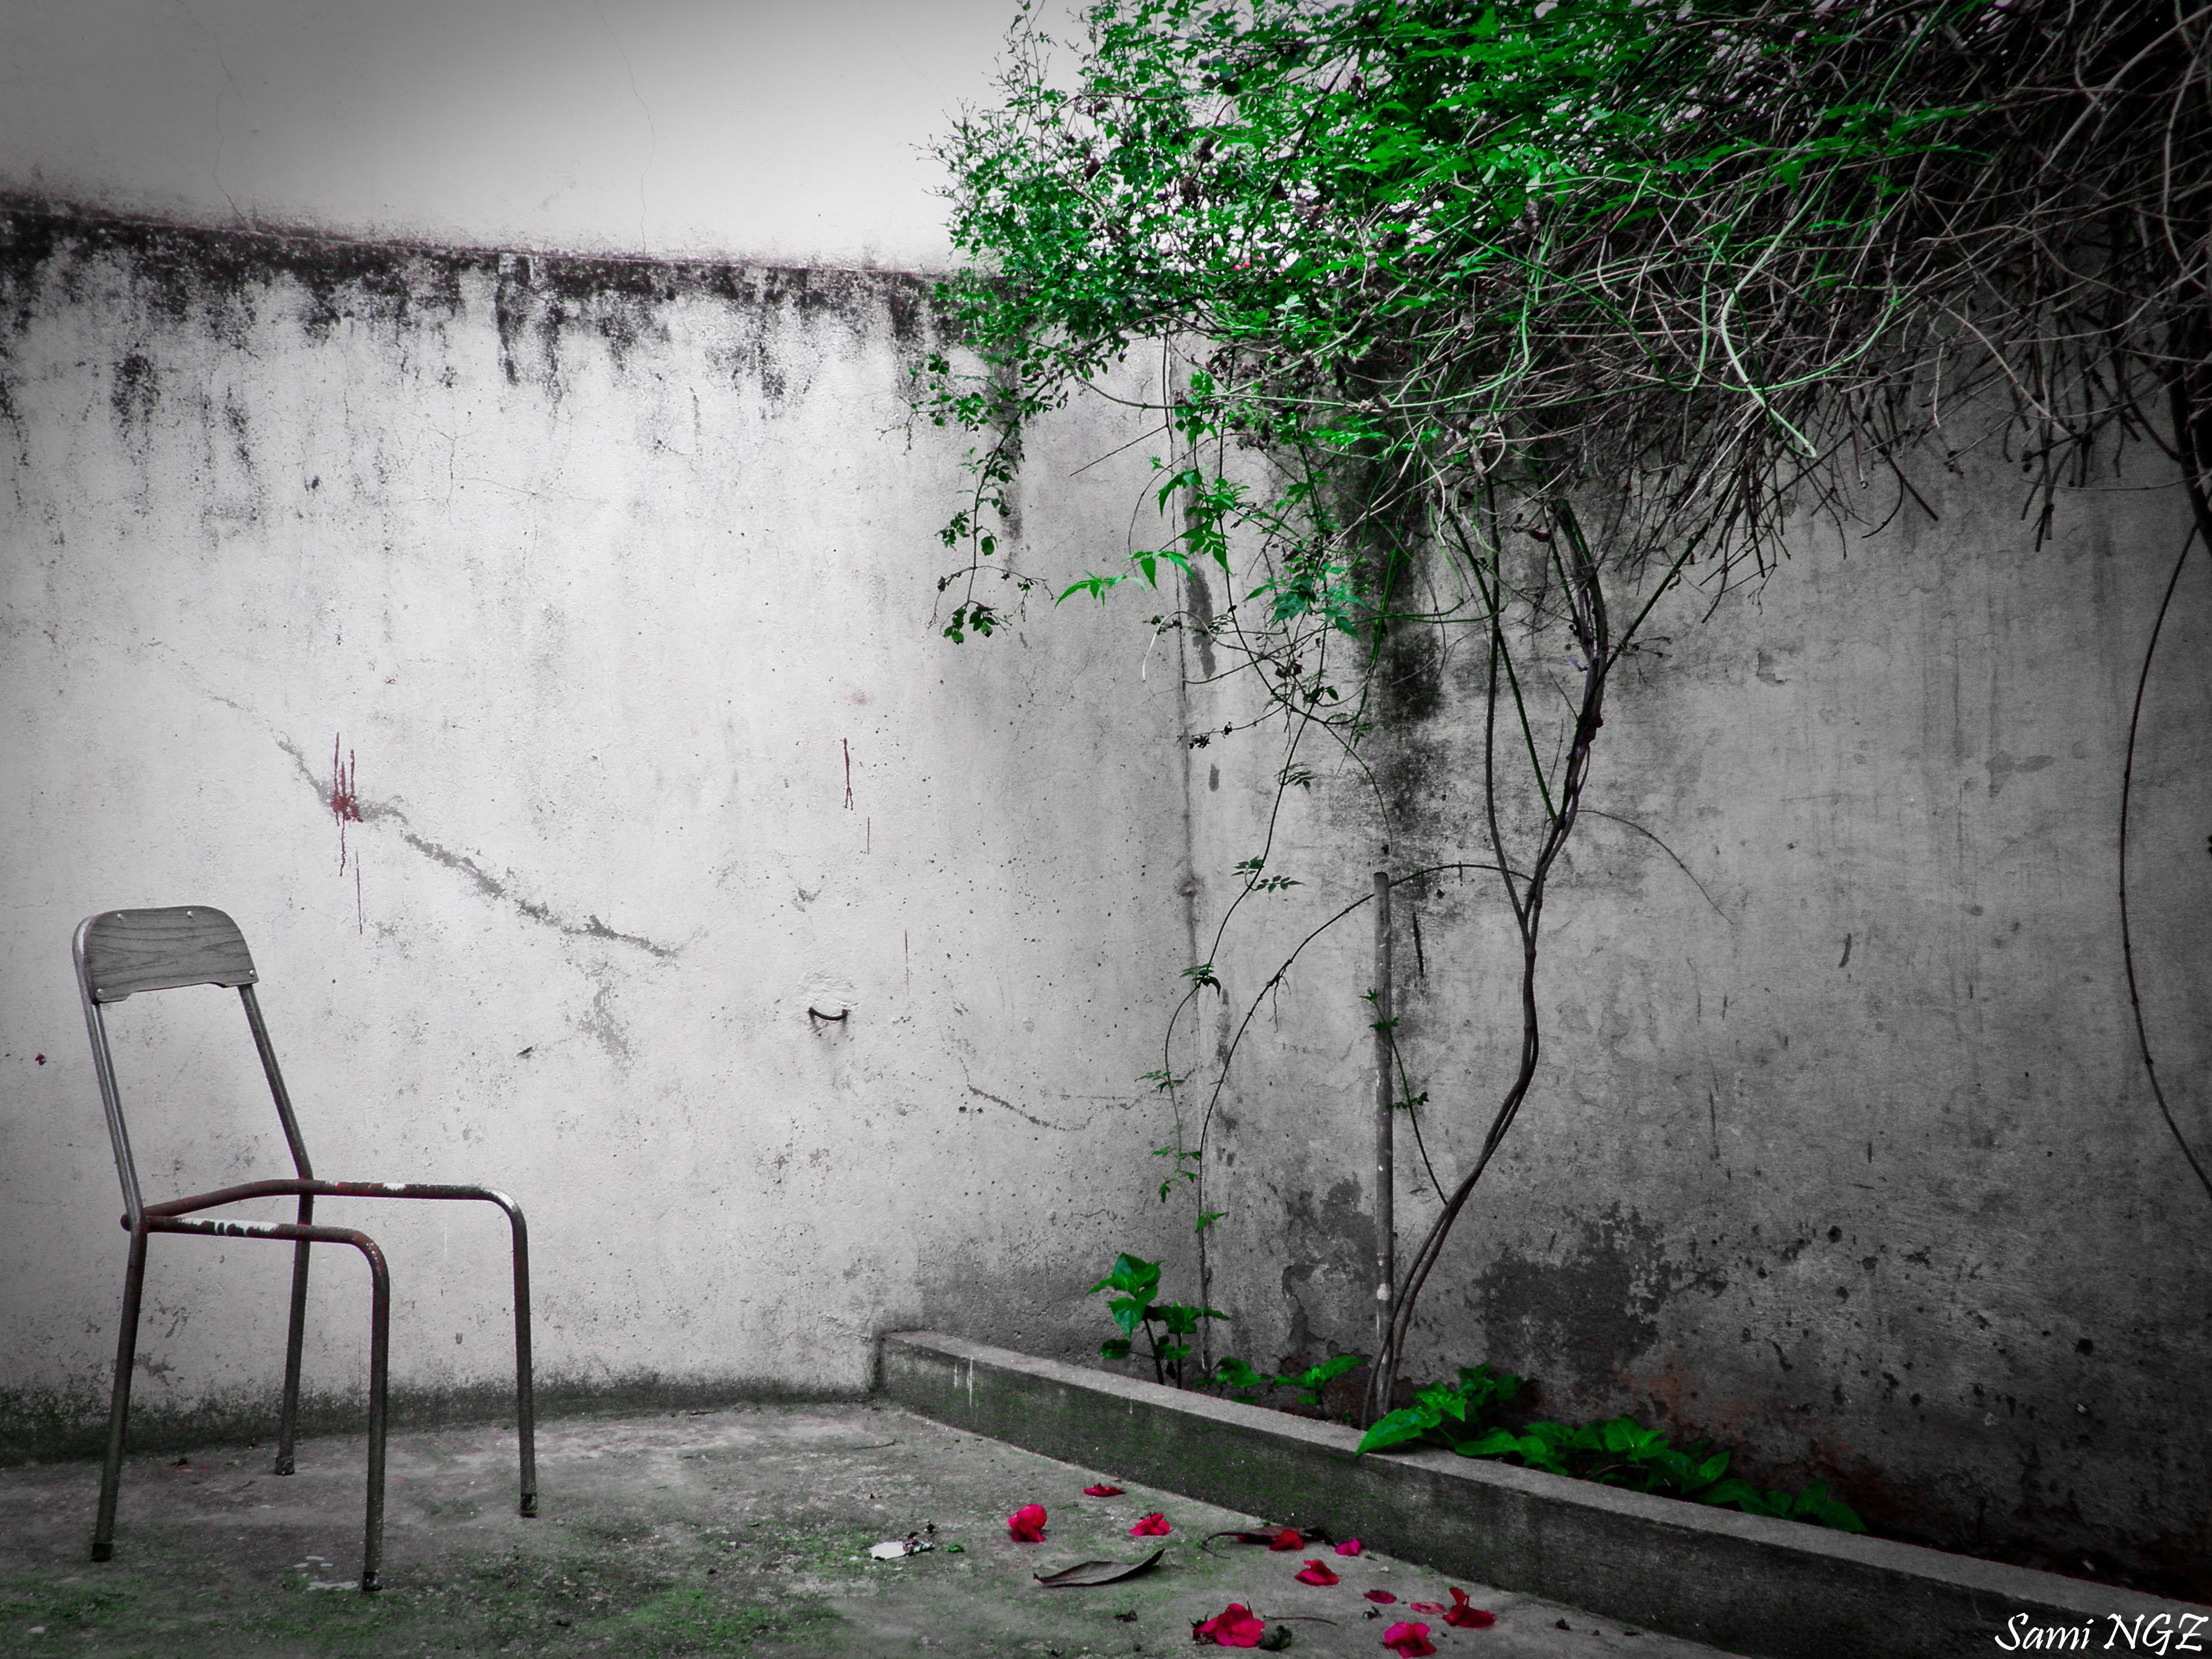 La vie au coin de l'oubli